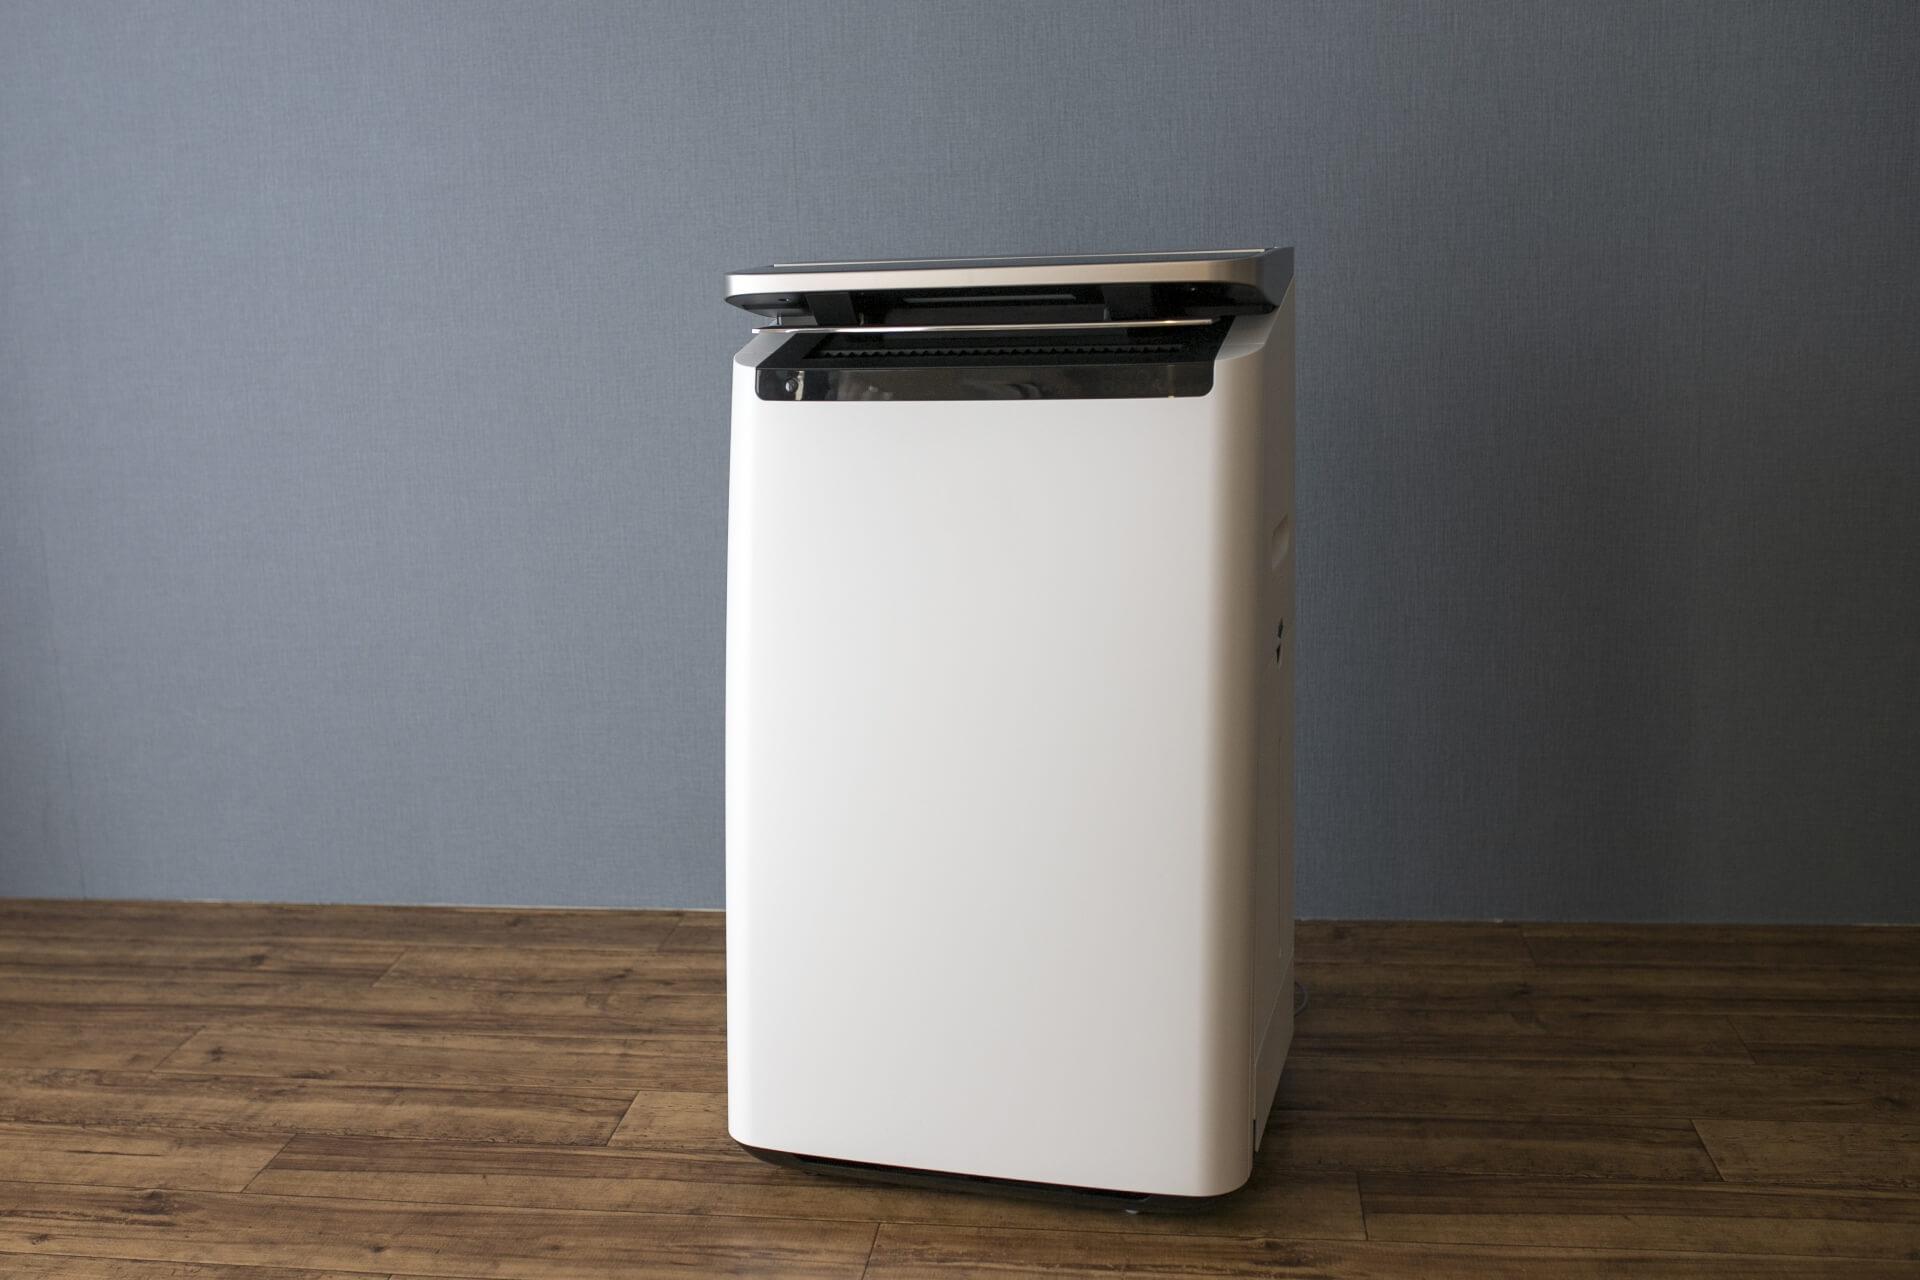 空気清浄機が臭い!きれいな空間を取り戻すための対処法をチェック